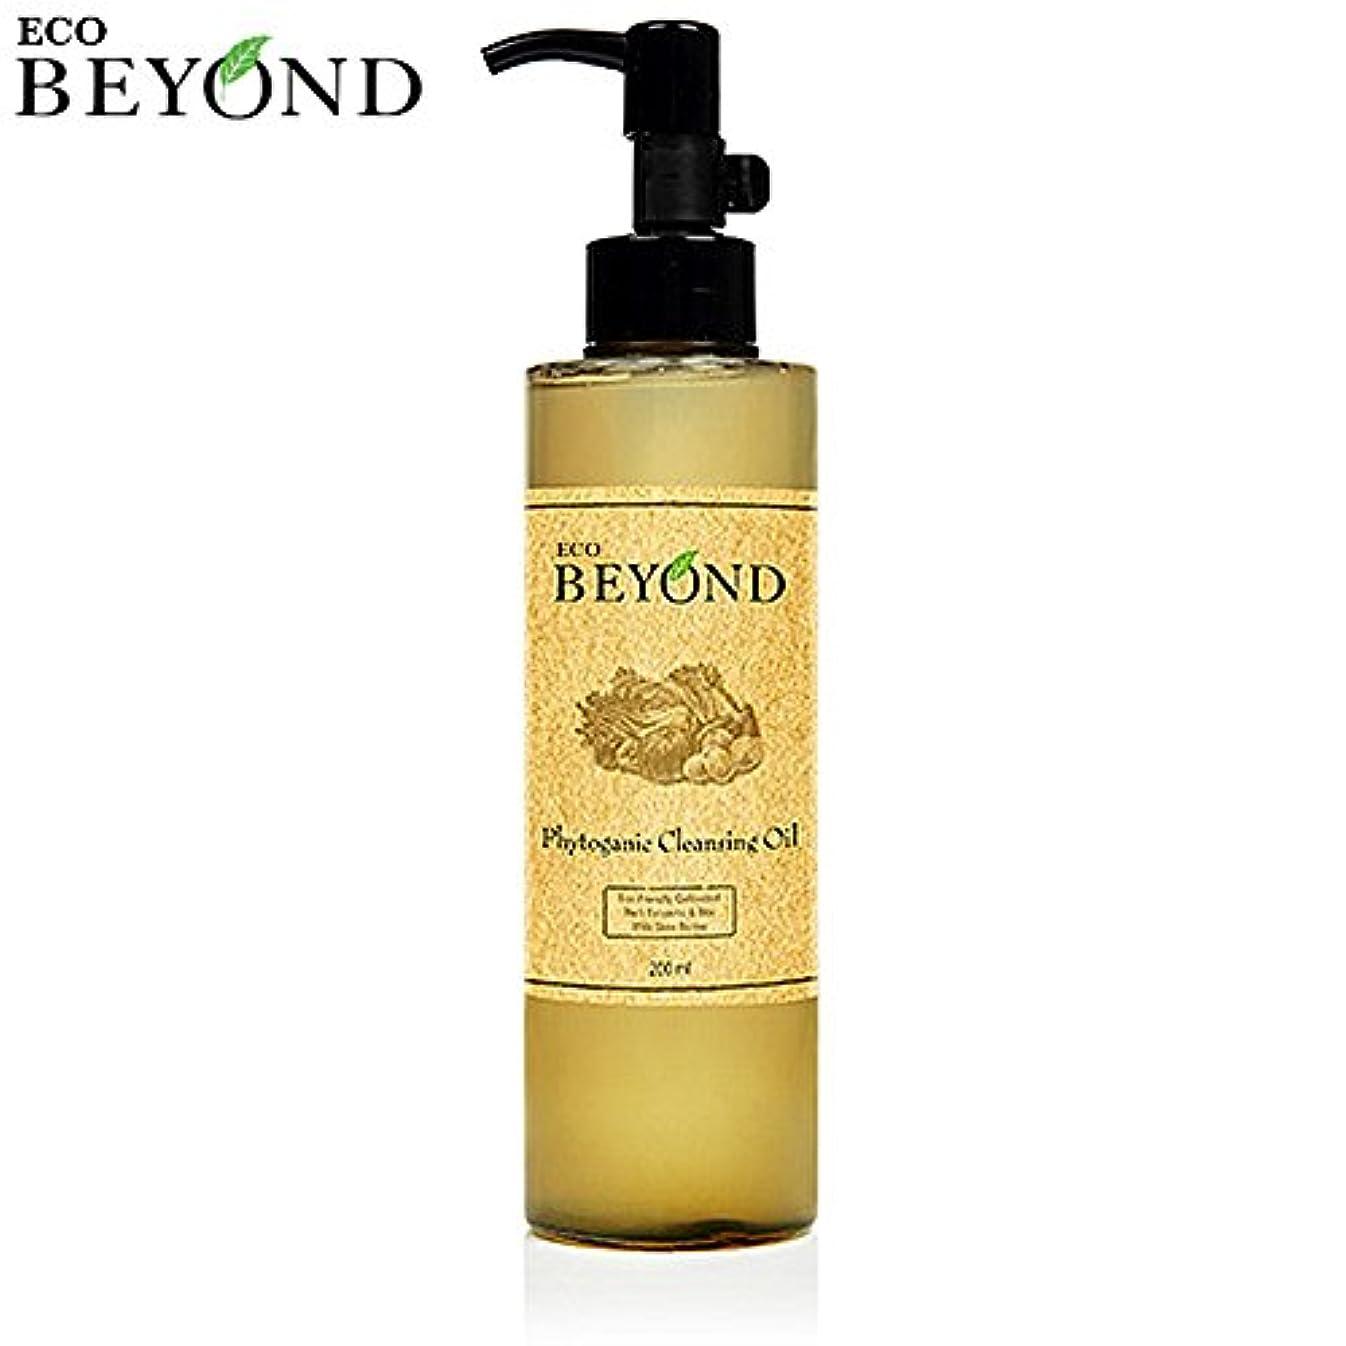 [ビヨンド] BEYOND [フィトガニック クレンジング オイル 200ml] Phytoganic Cleansing Oil 200ml [海外直送品]